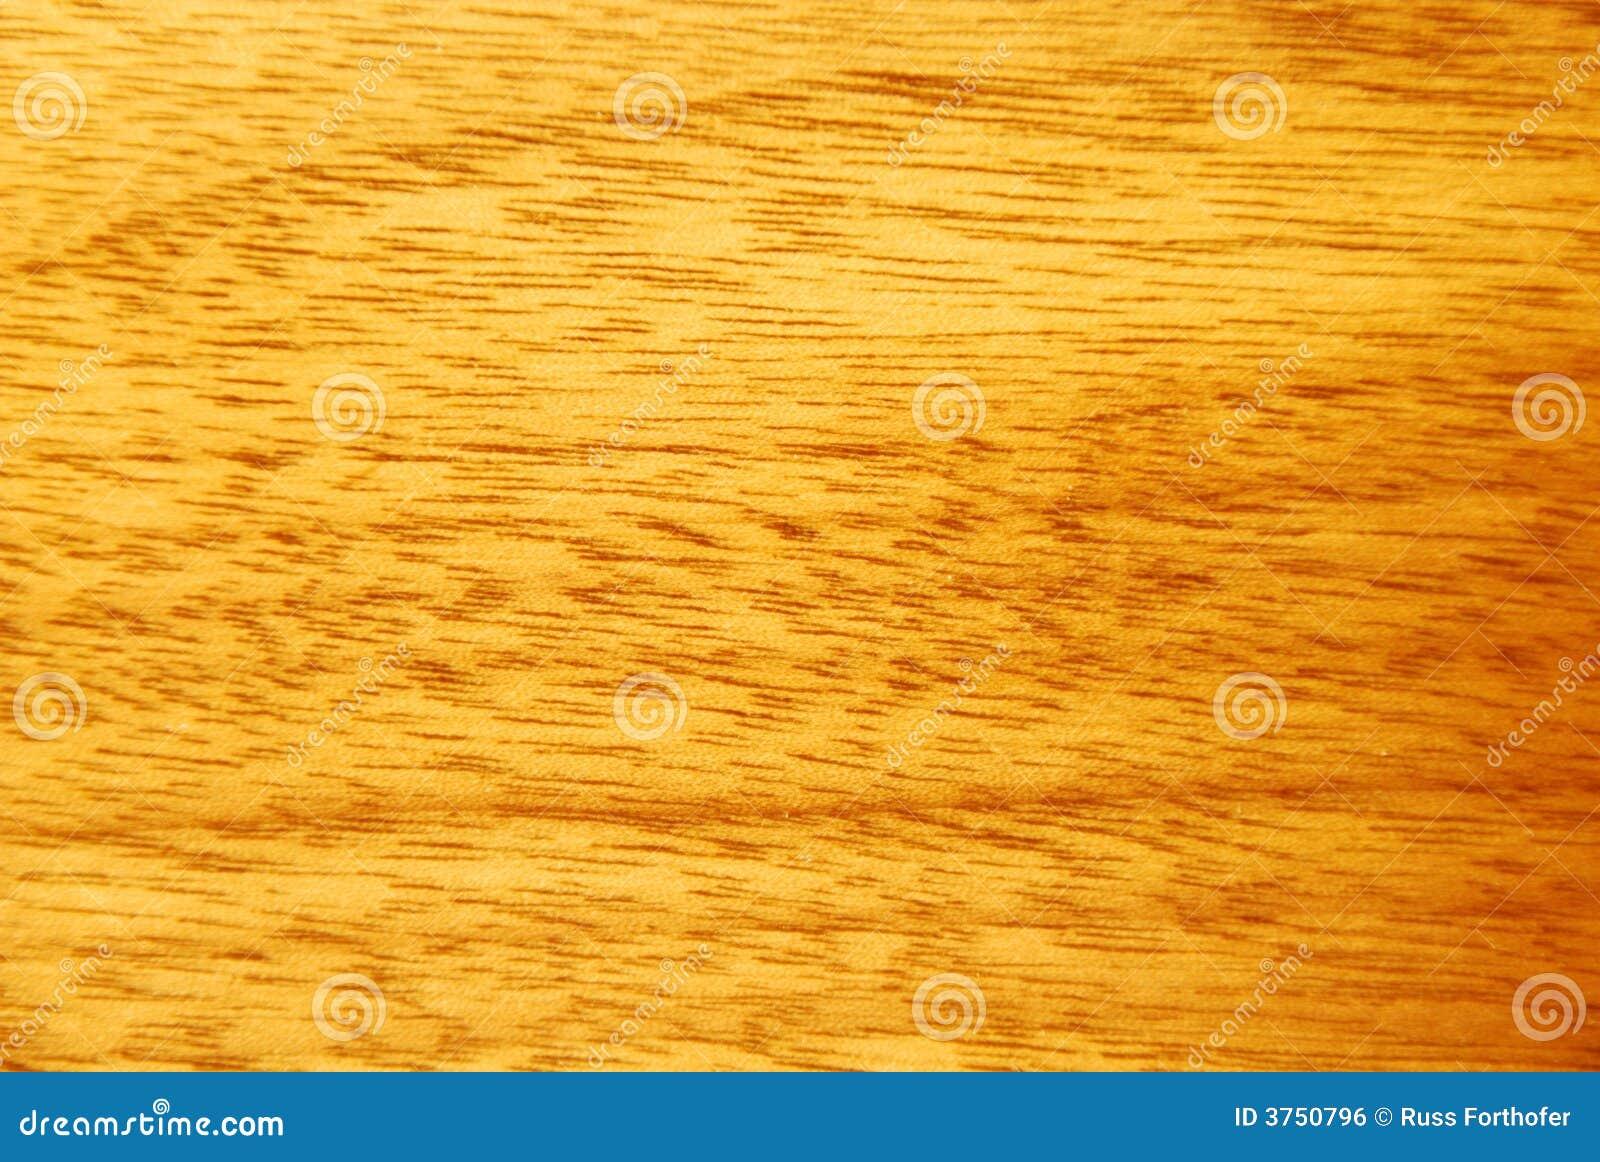 Texture de noix